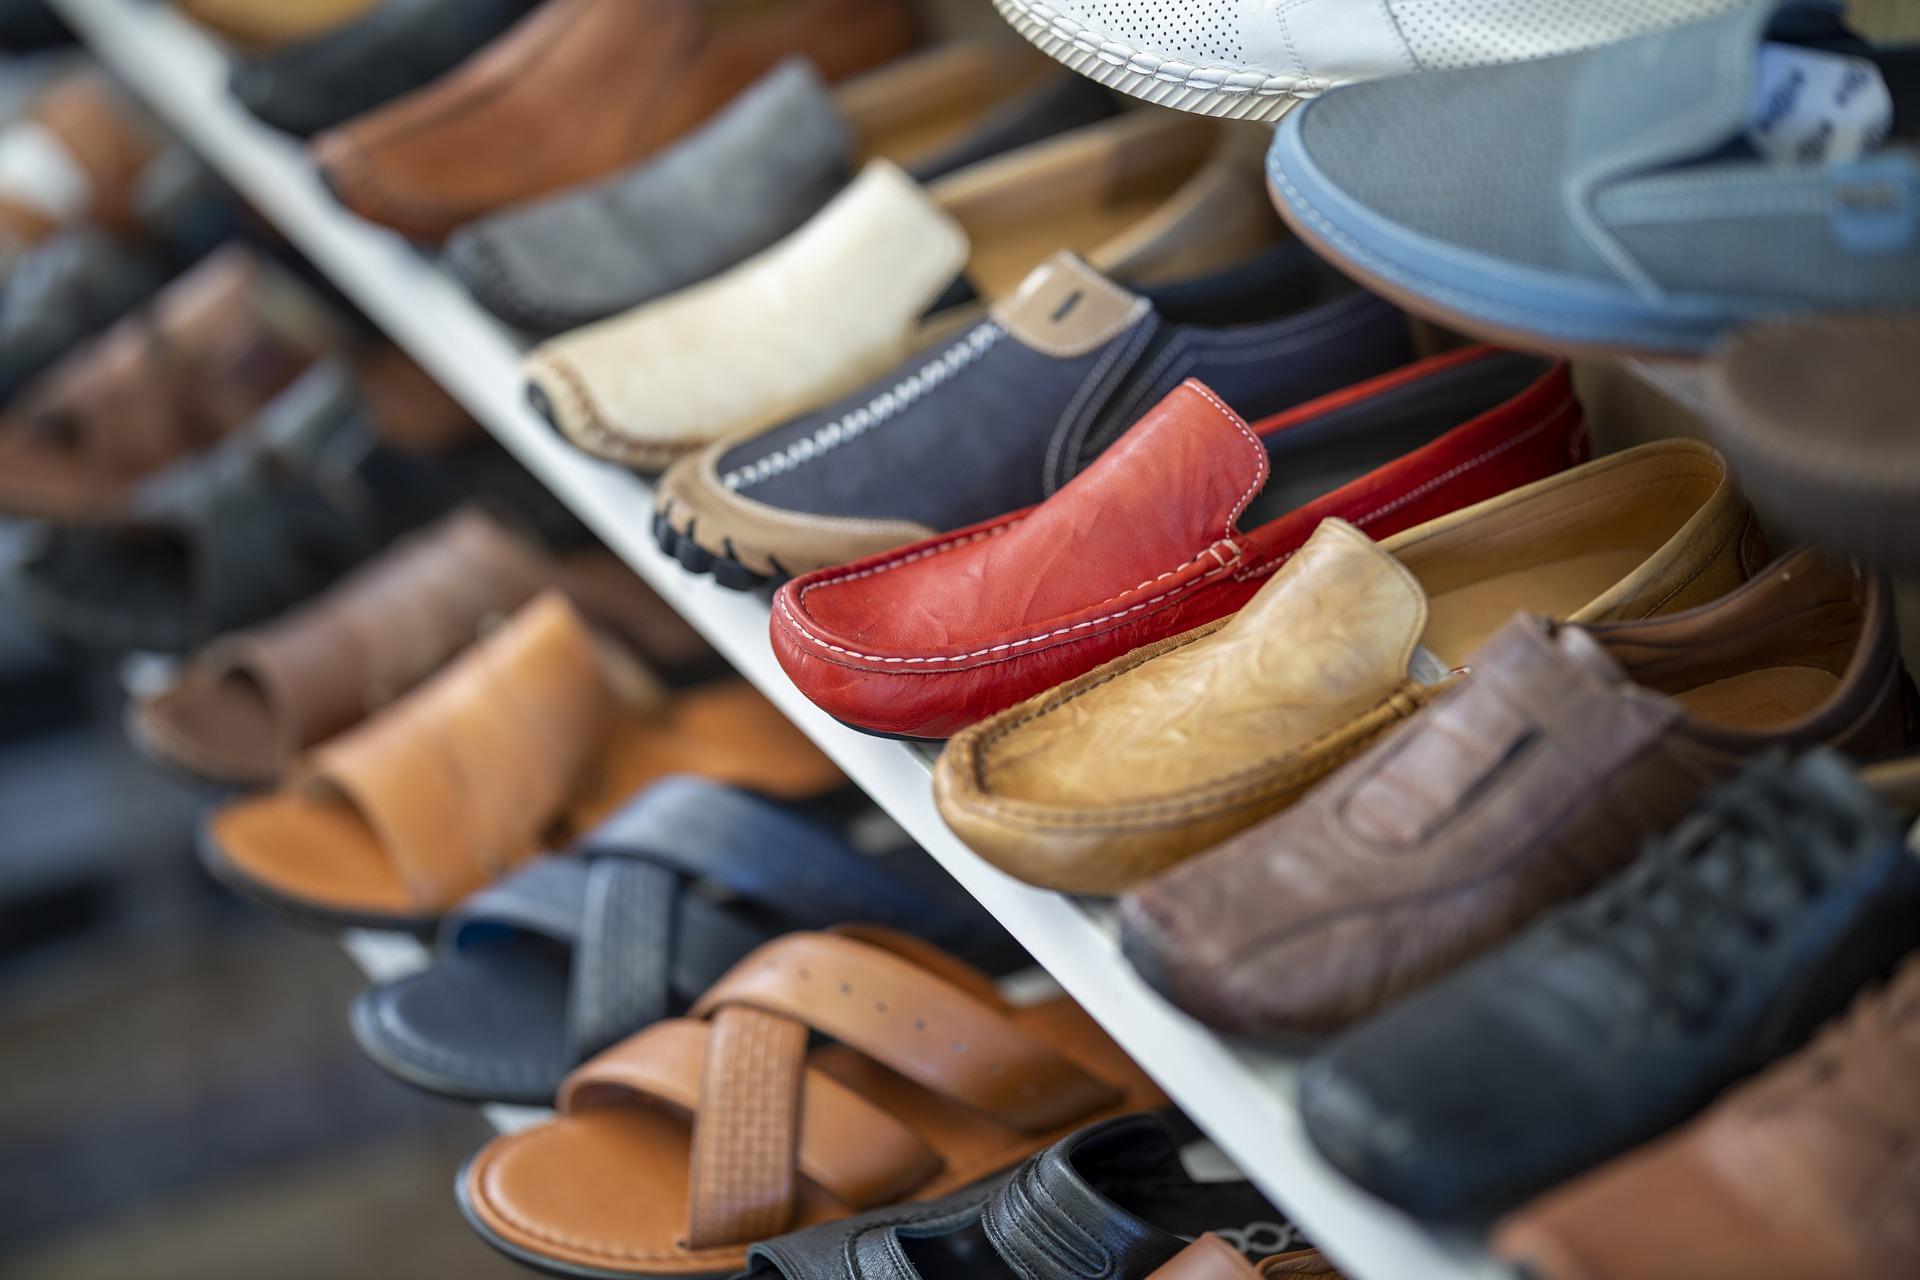 おすすめの靴ブランドを日本と海外に分けてピックアップ